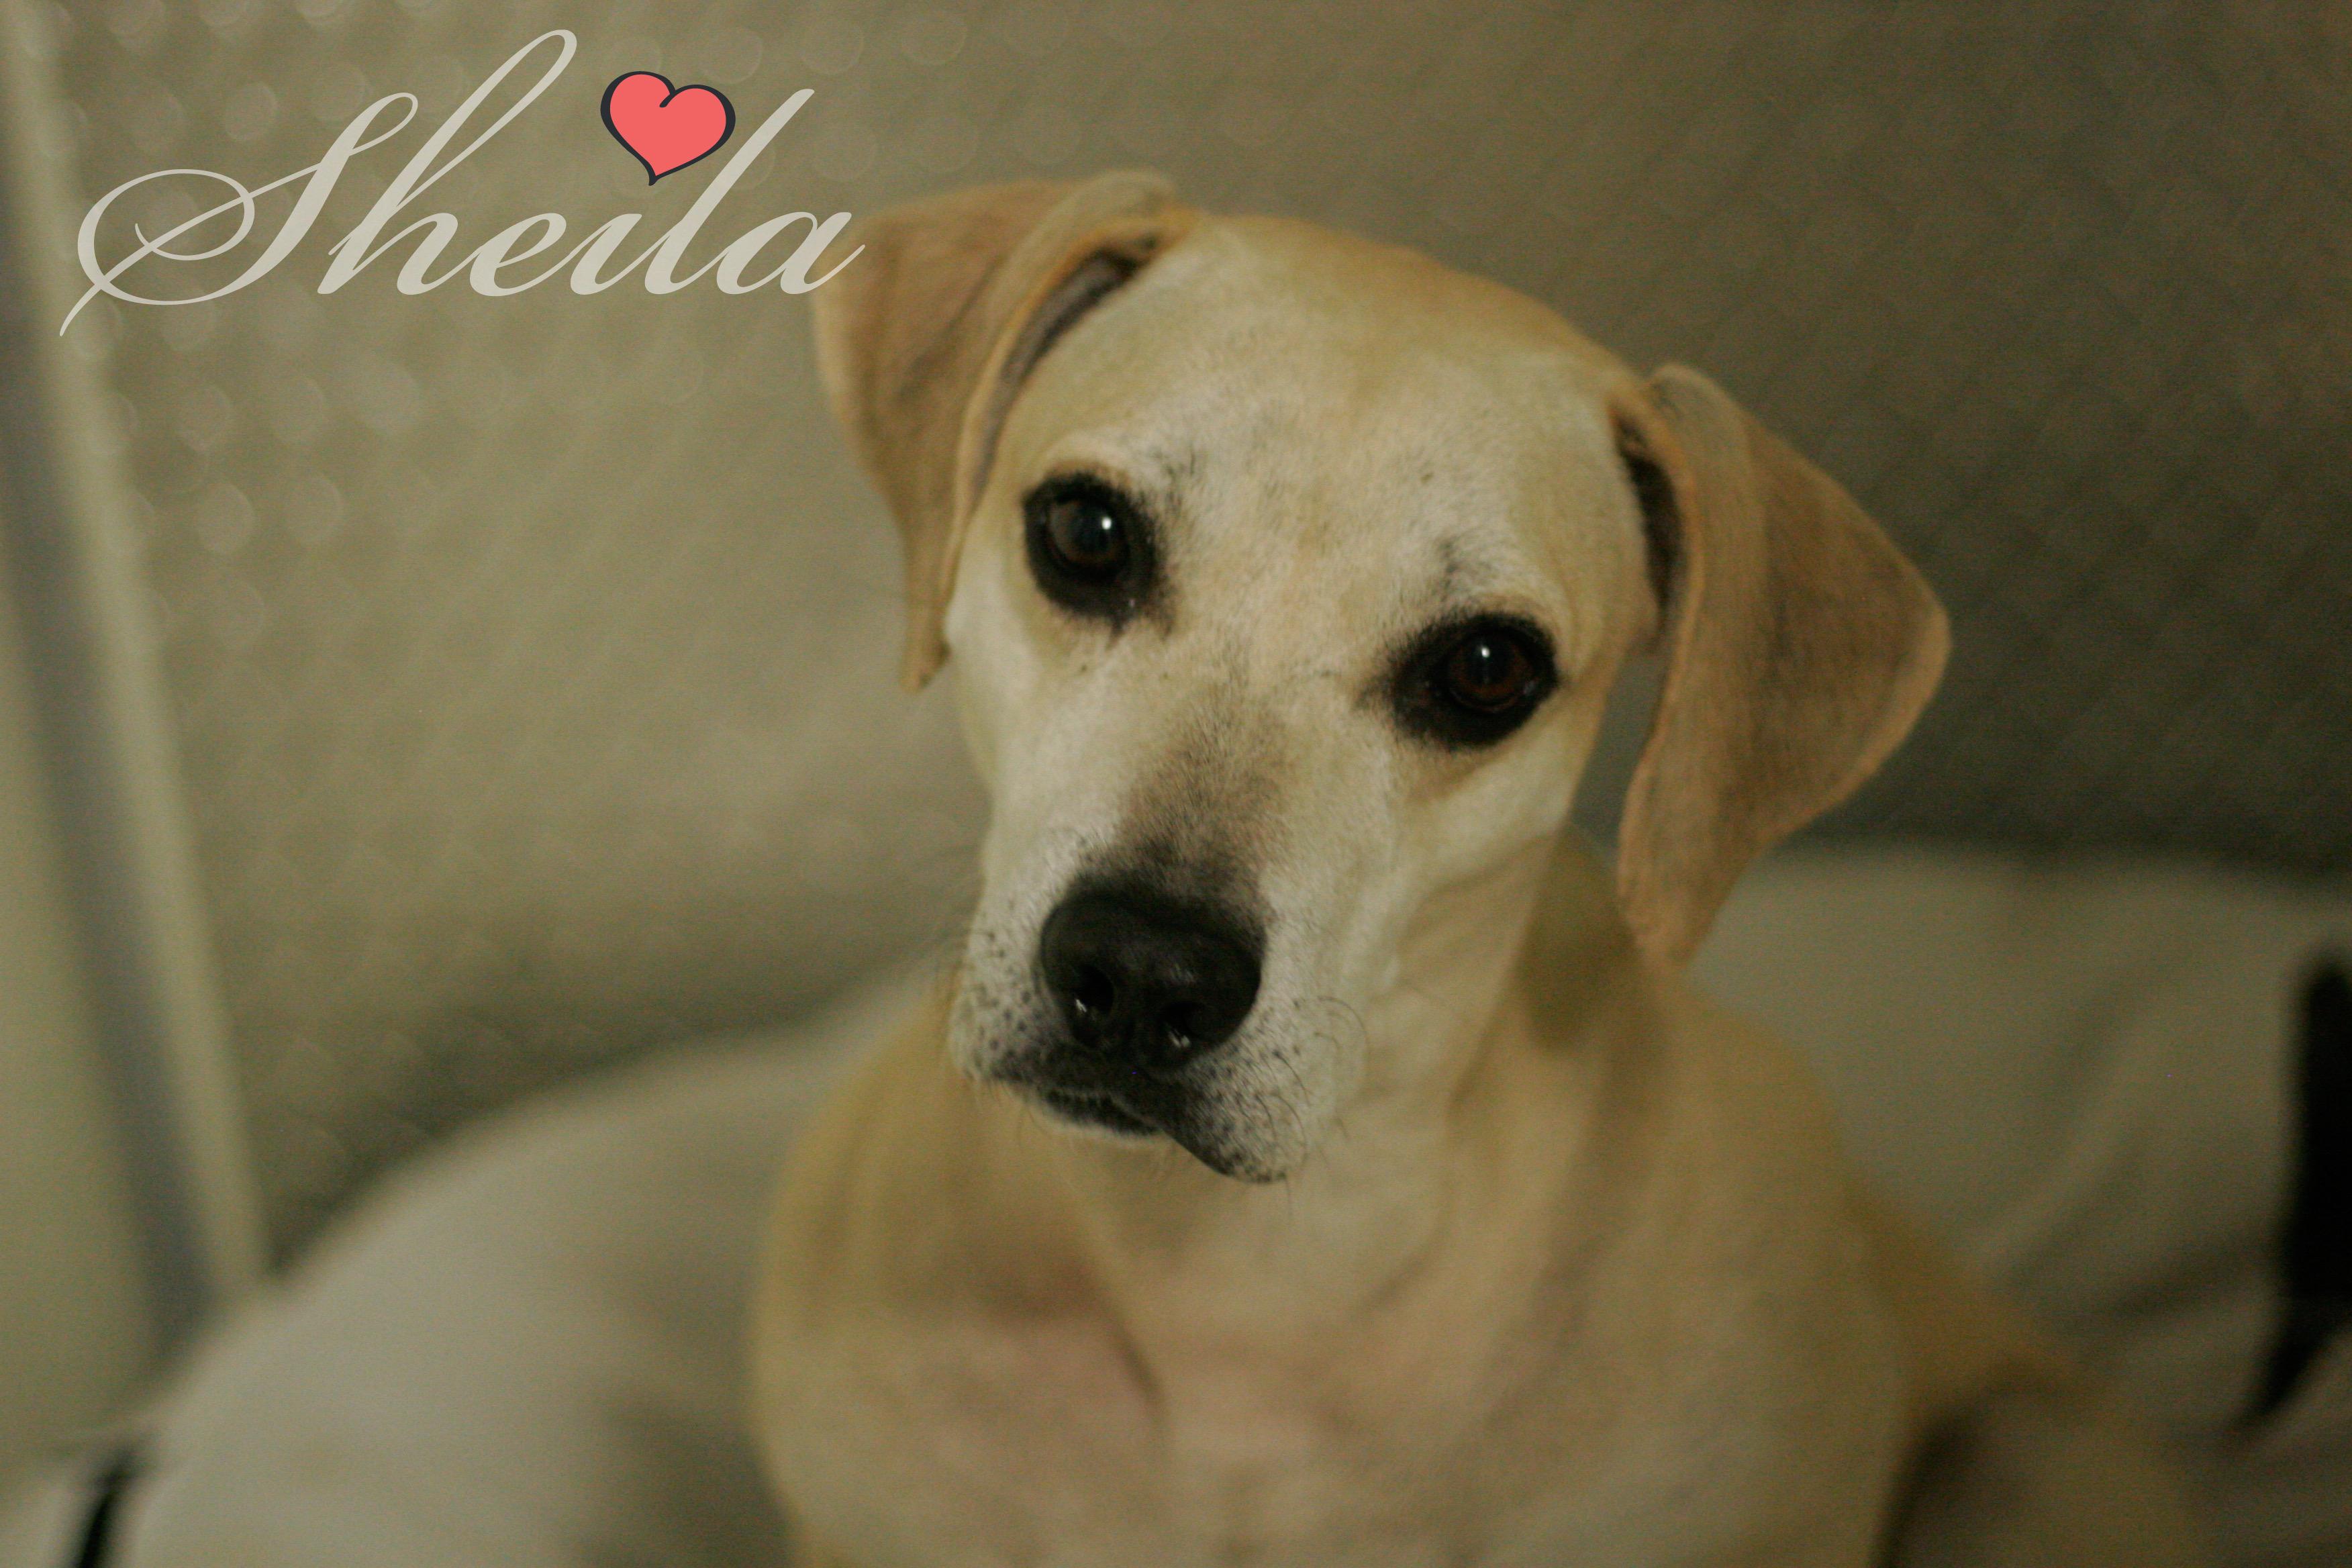 Sheila potw dog 11.13.19